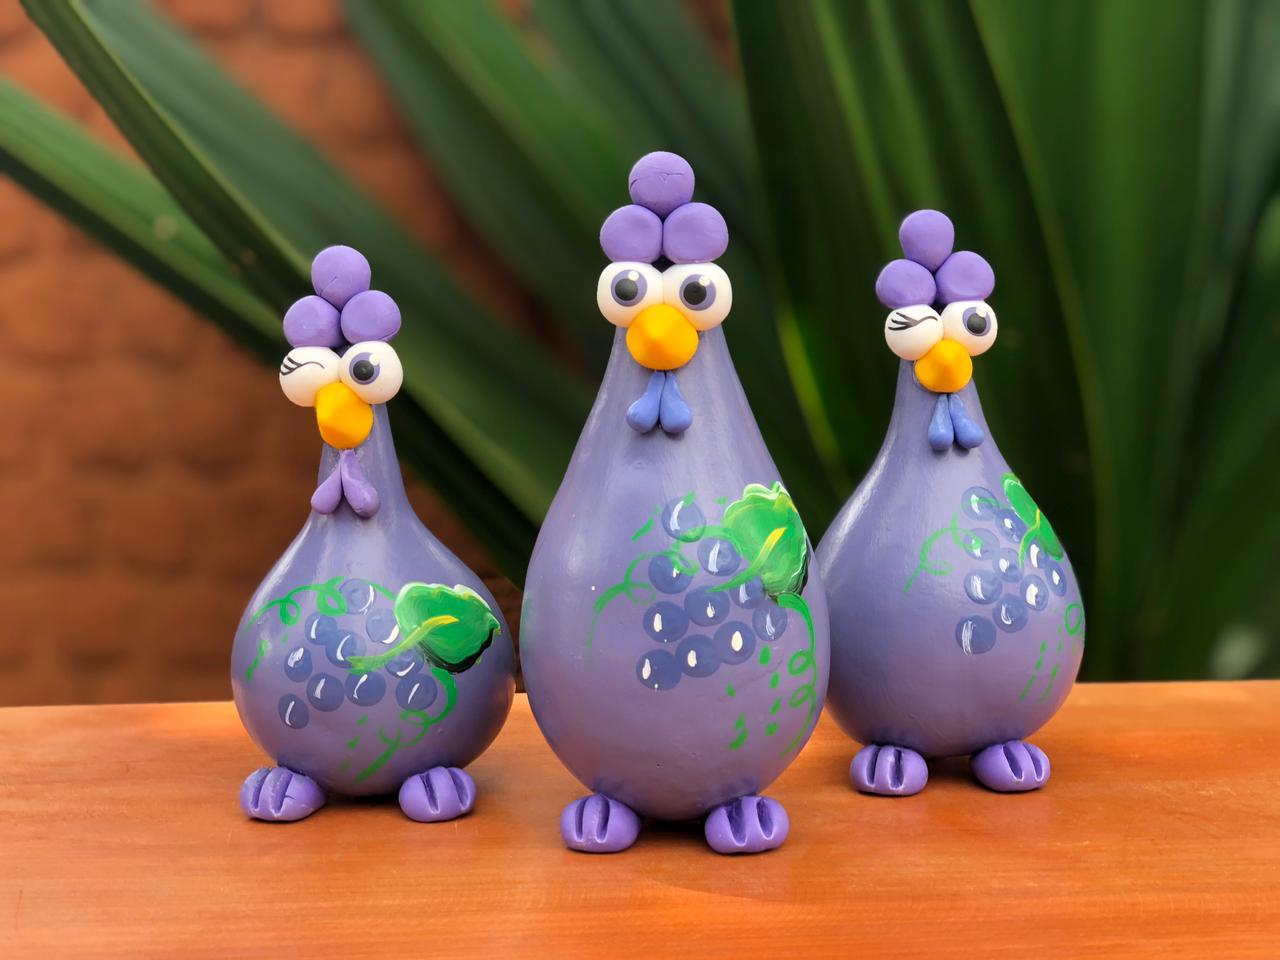 Trio de galinhas em cabaça decorativa uva